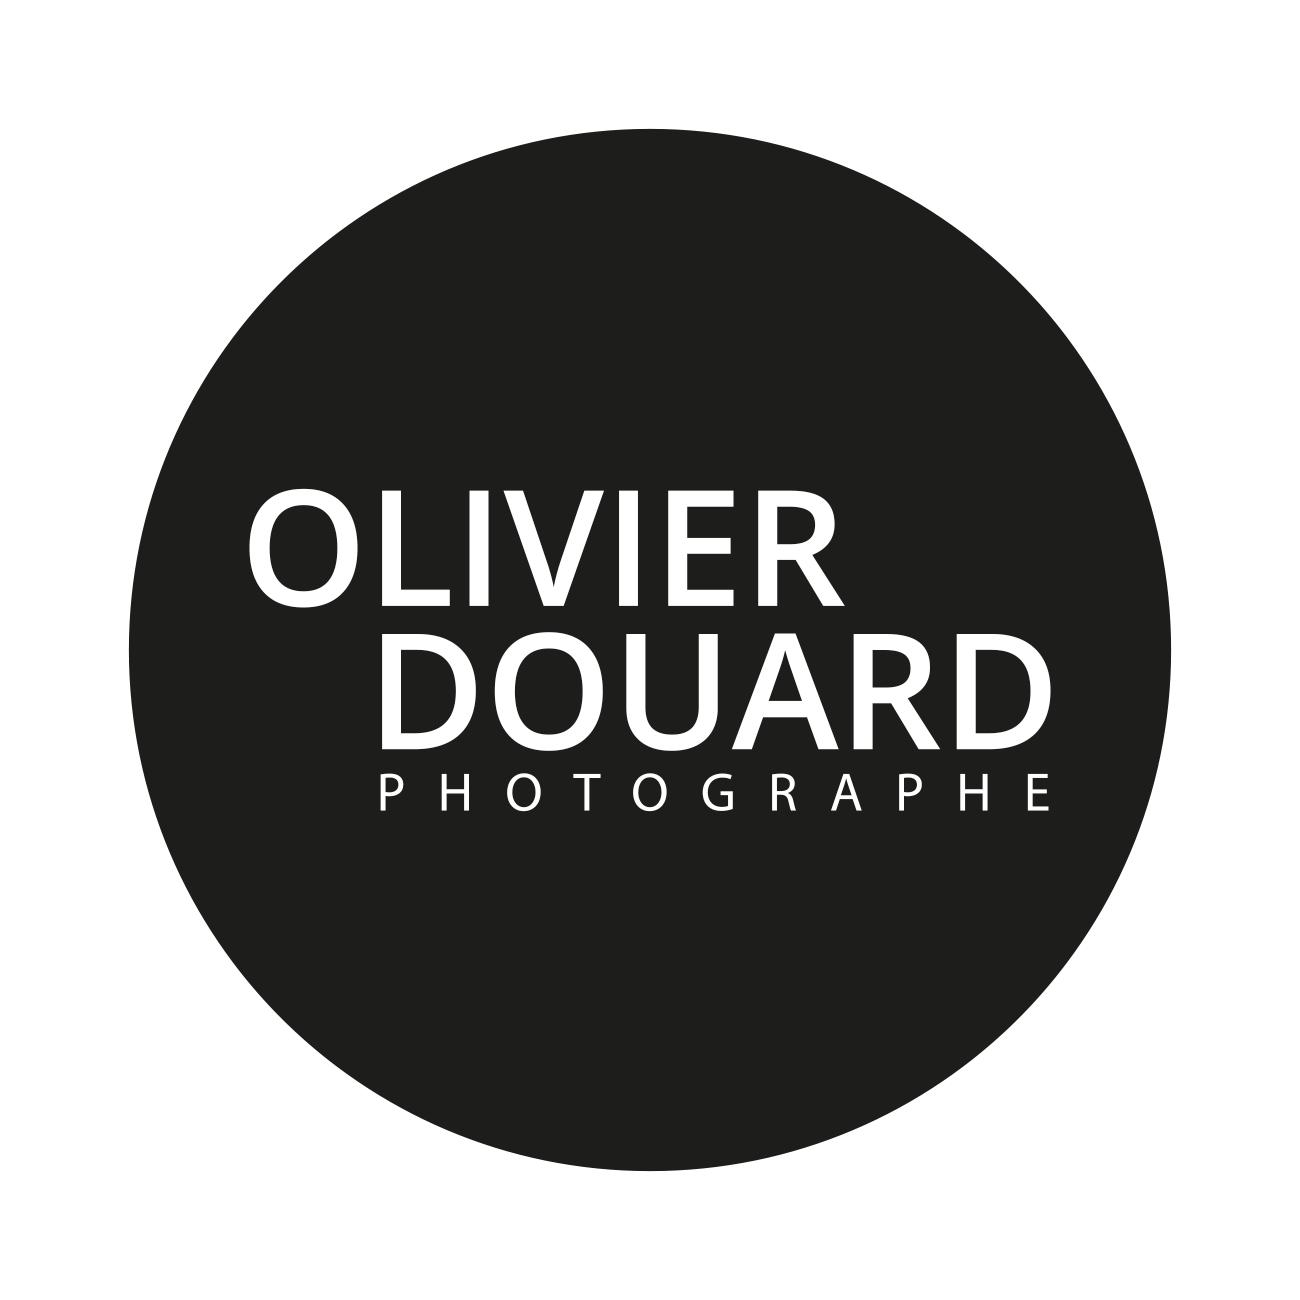 Olivier Douard studio photographe Troyes